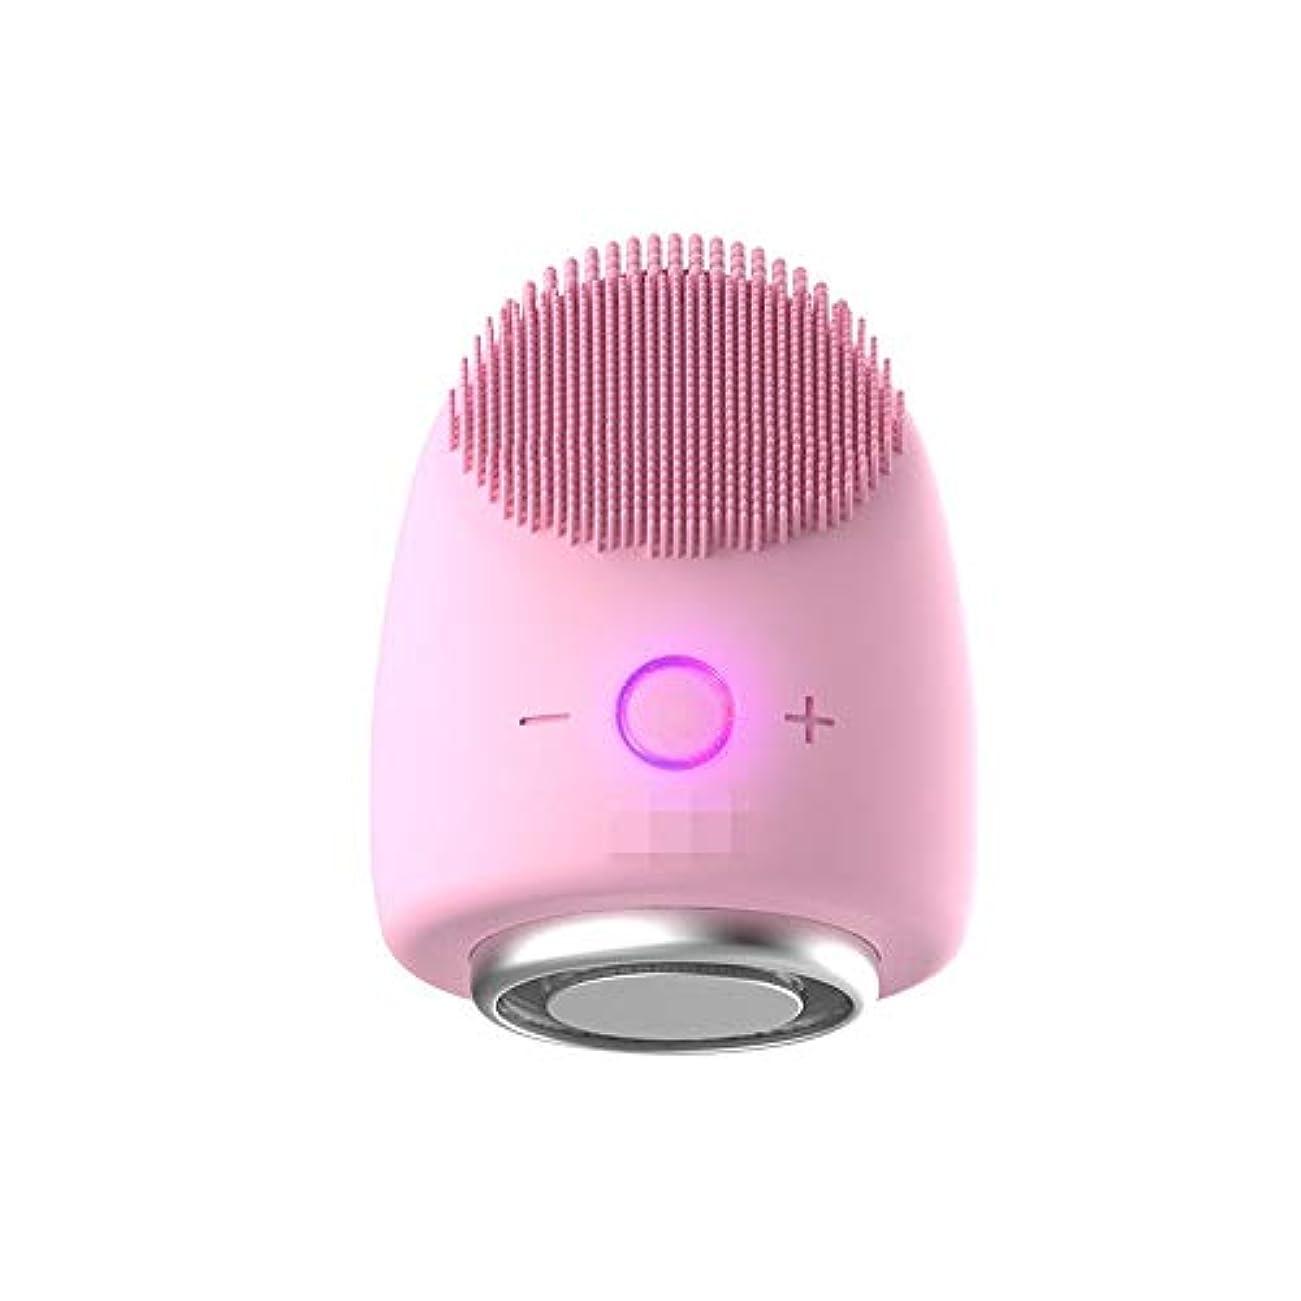 酸化物ポンド連邦LYgMV 多機能美容器具洗浄器具導入器具凝縮ホットドレッシング肌活性化器具 (Color : ピンク)